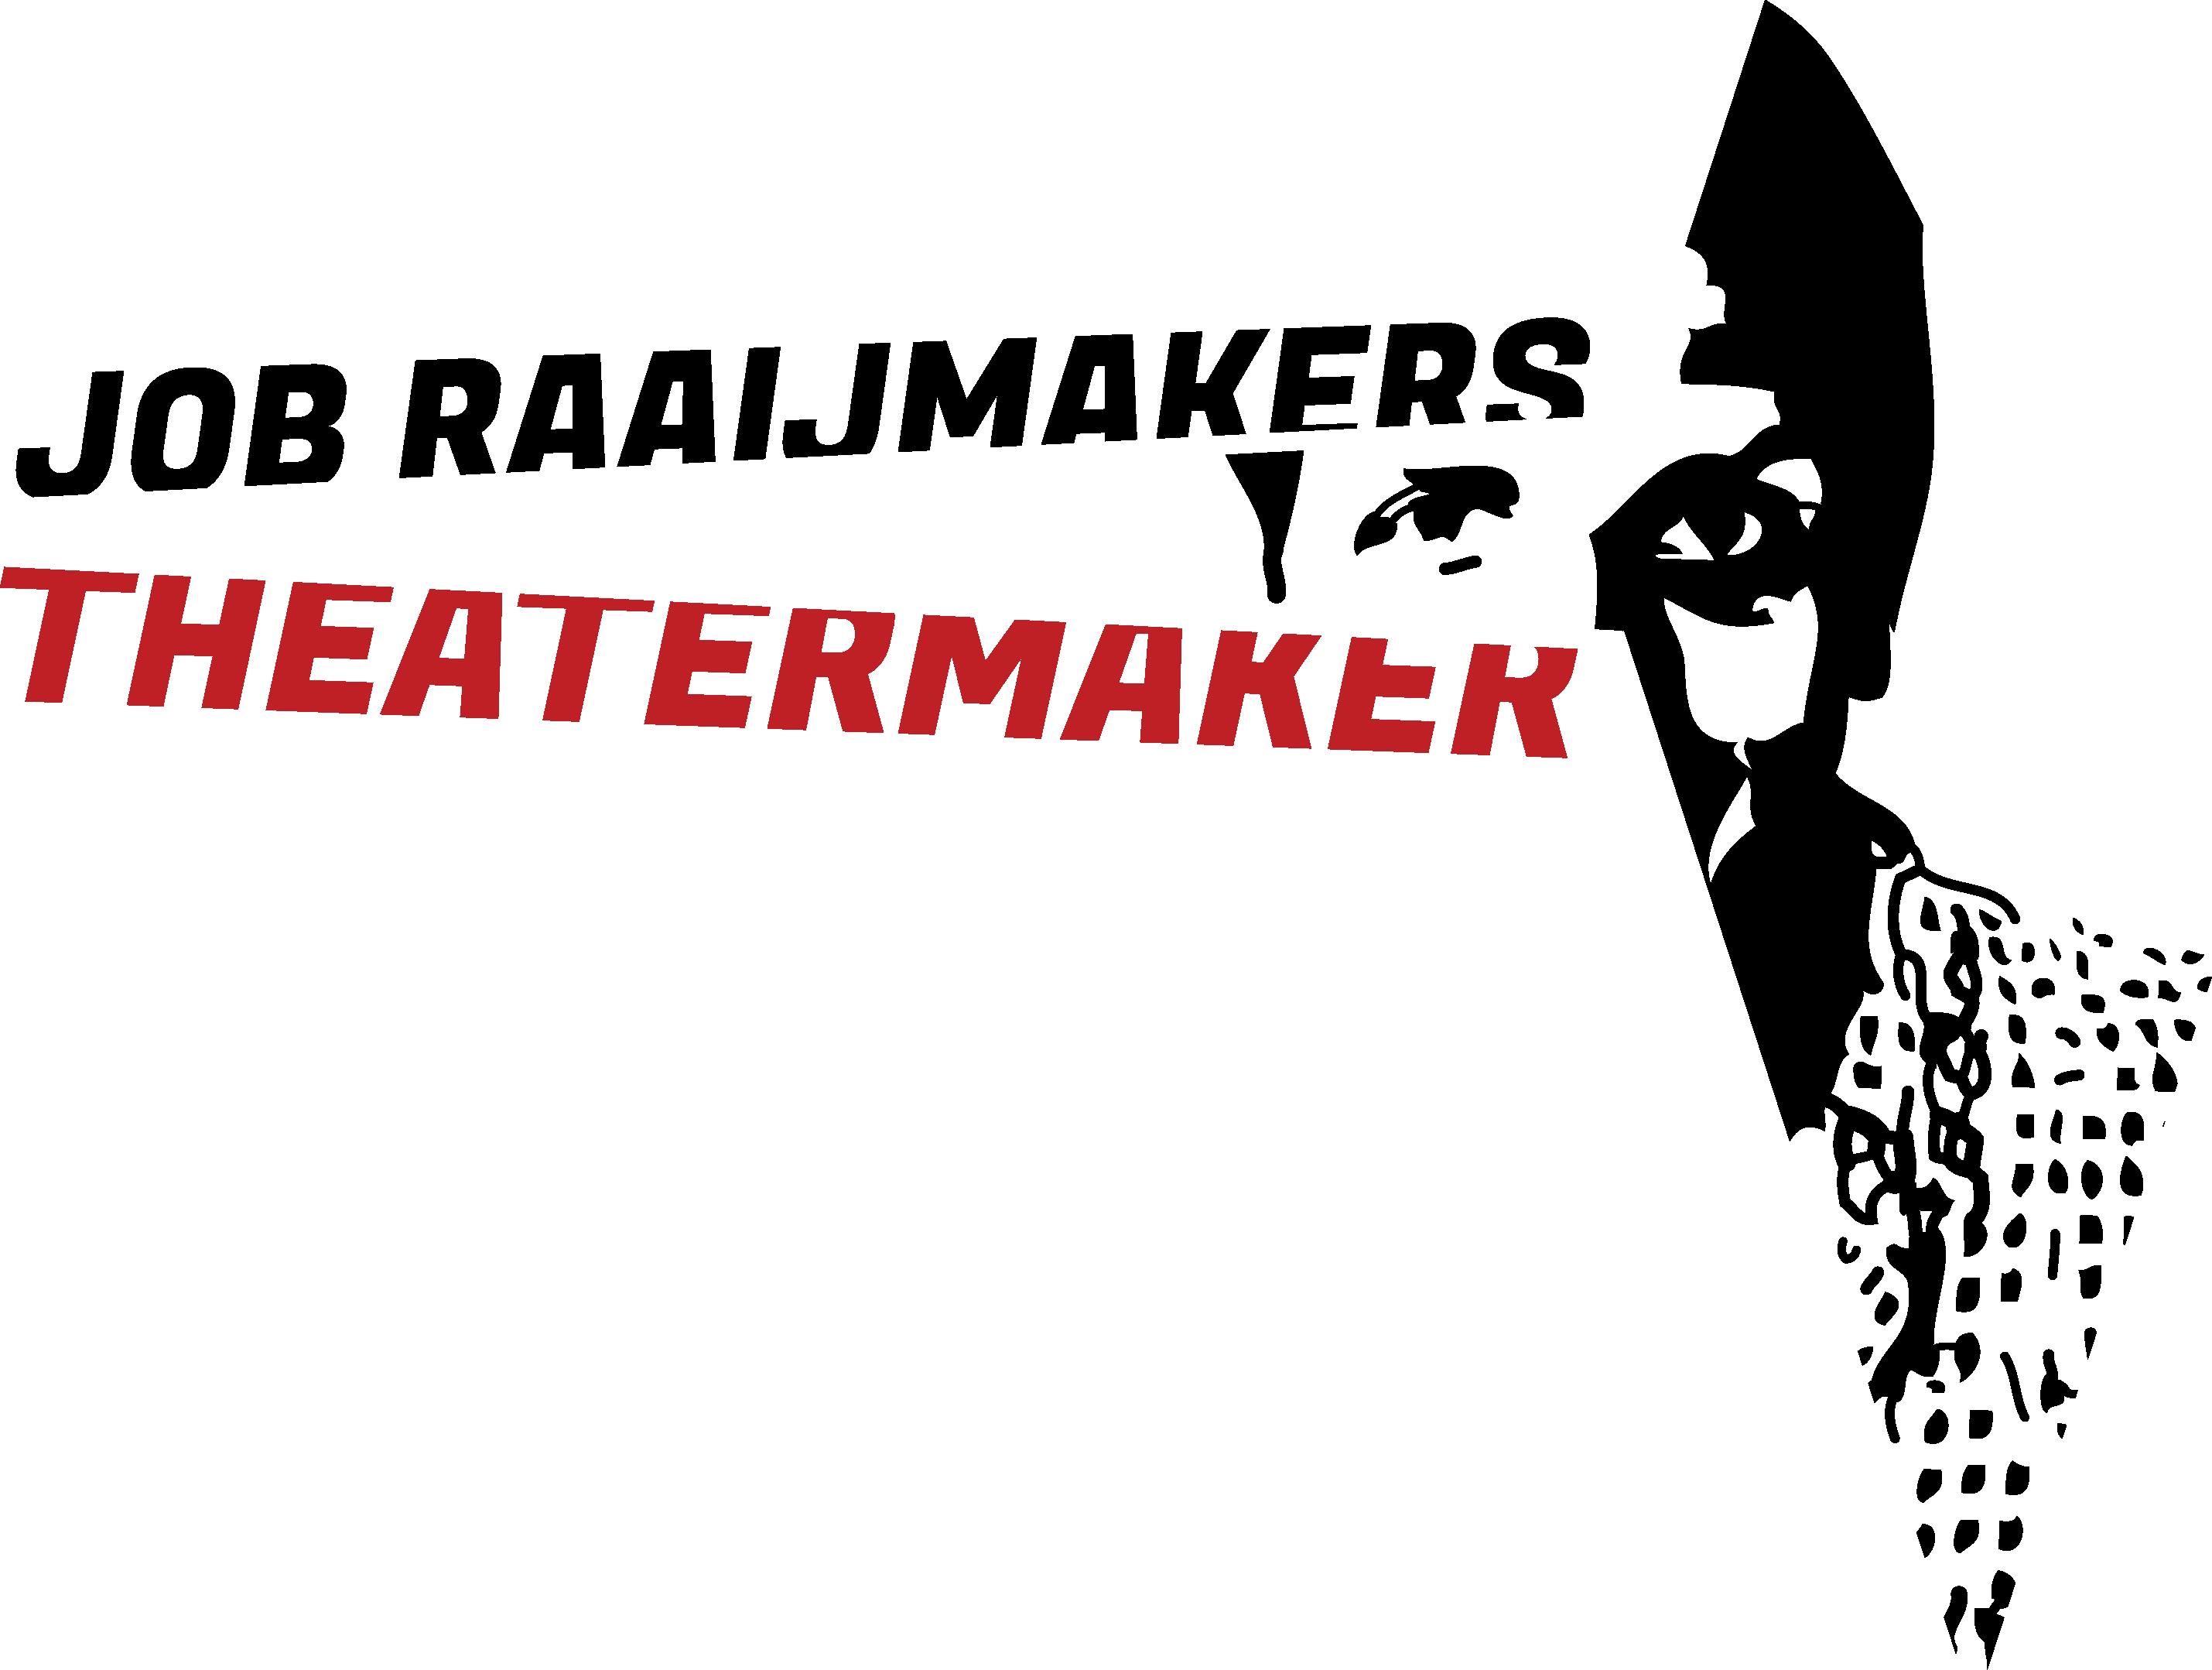 Job Raaijmakers